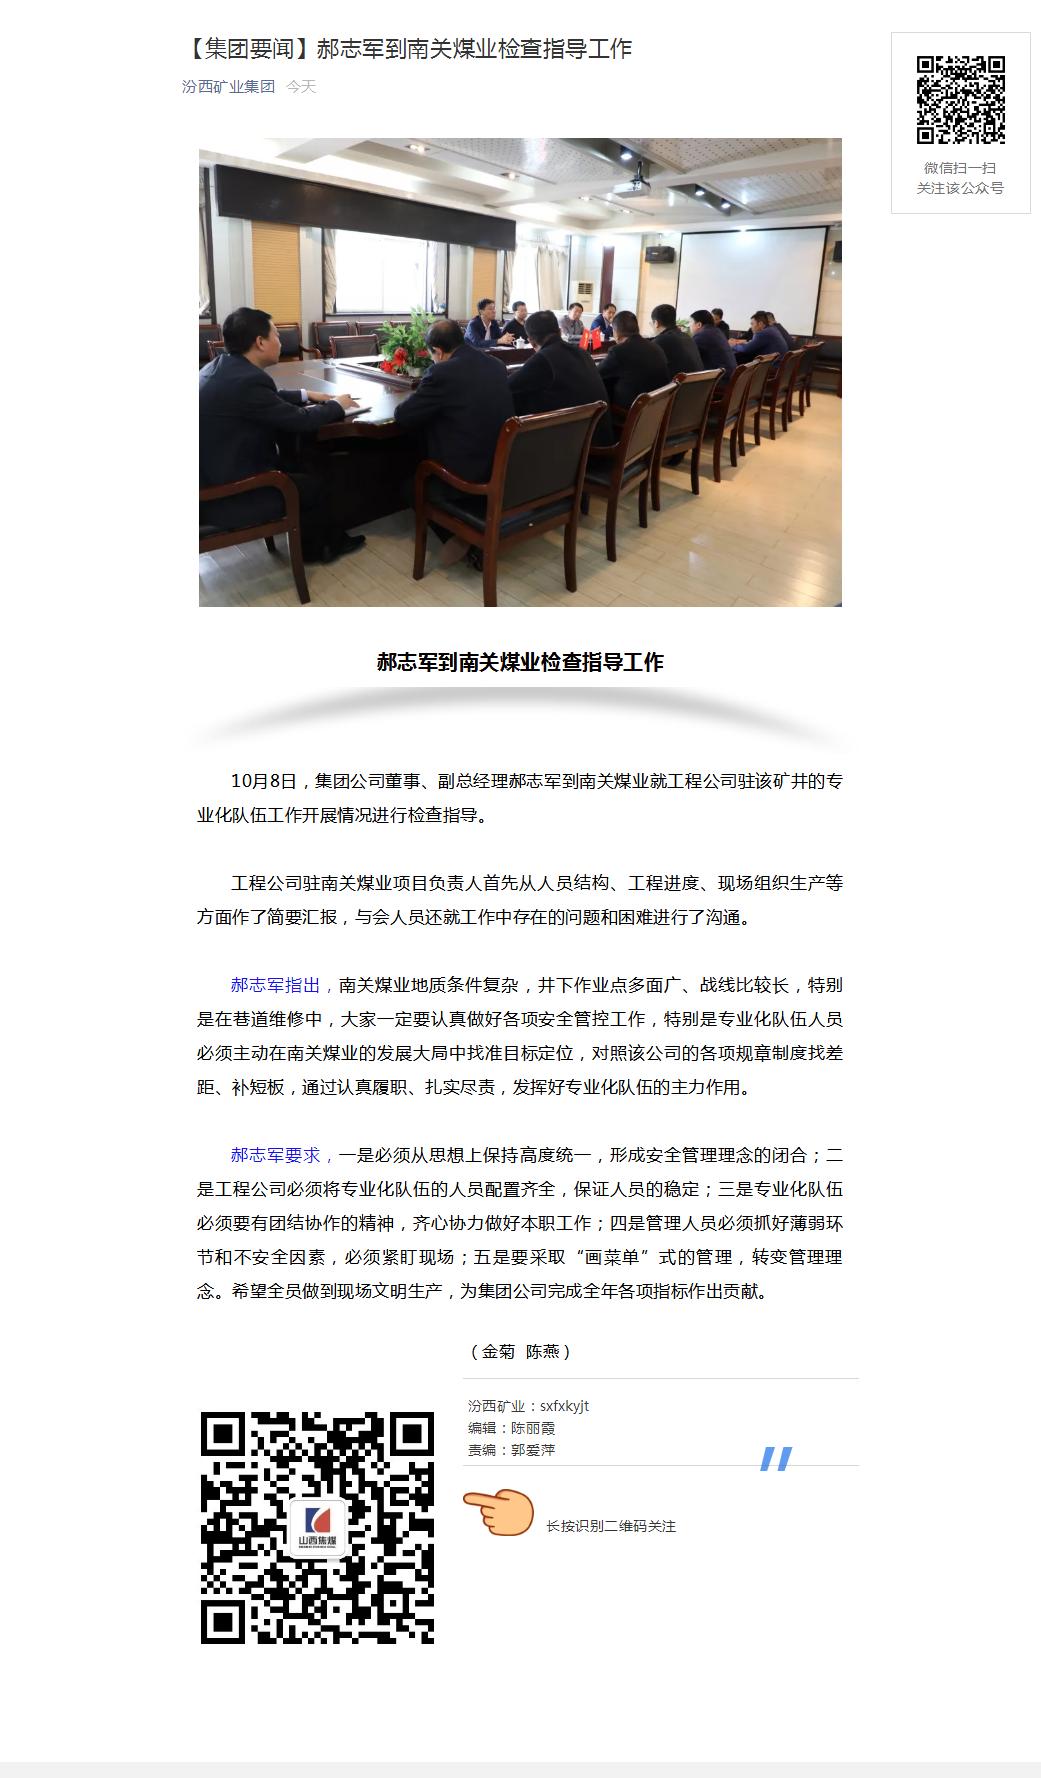 郝志军到南关煤业检查指导工作.png